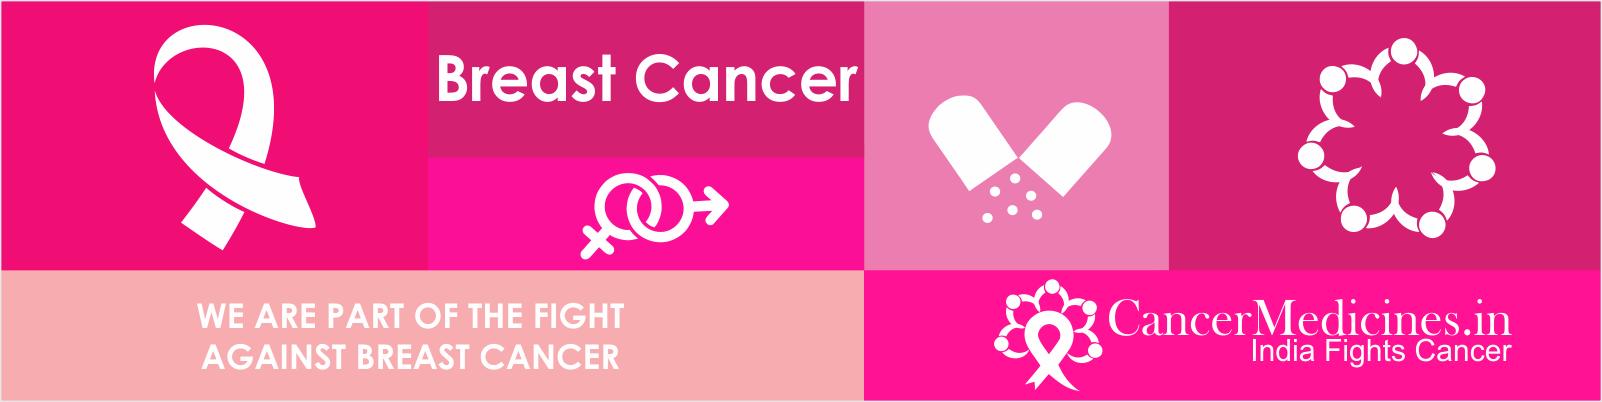 Affordable Cancer Medicines- Genuine Cancer Medicines at